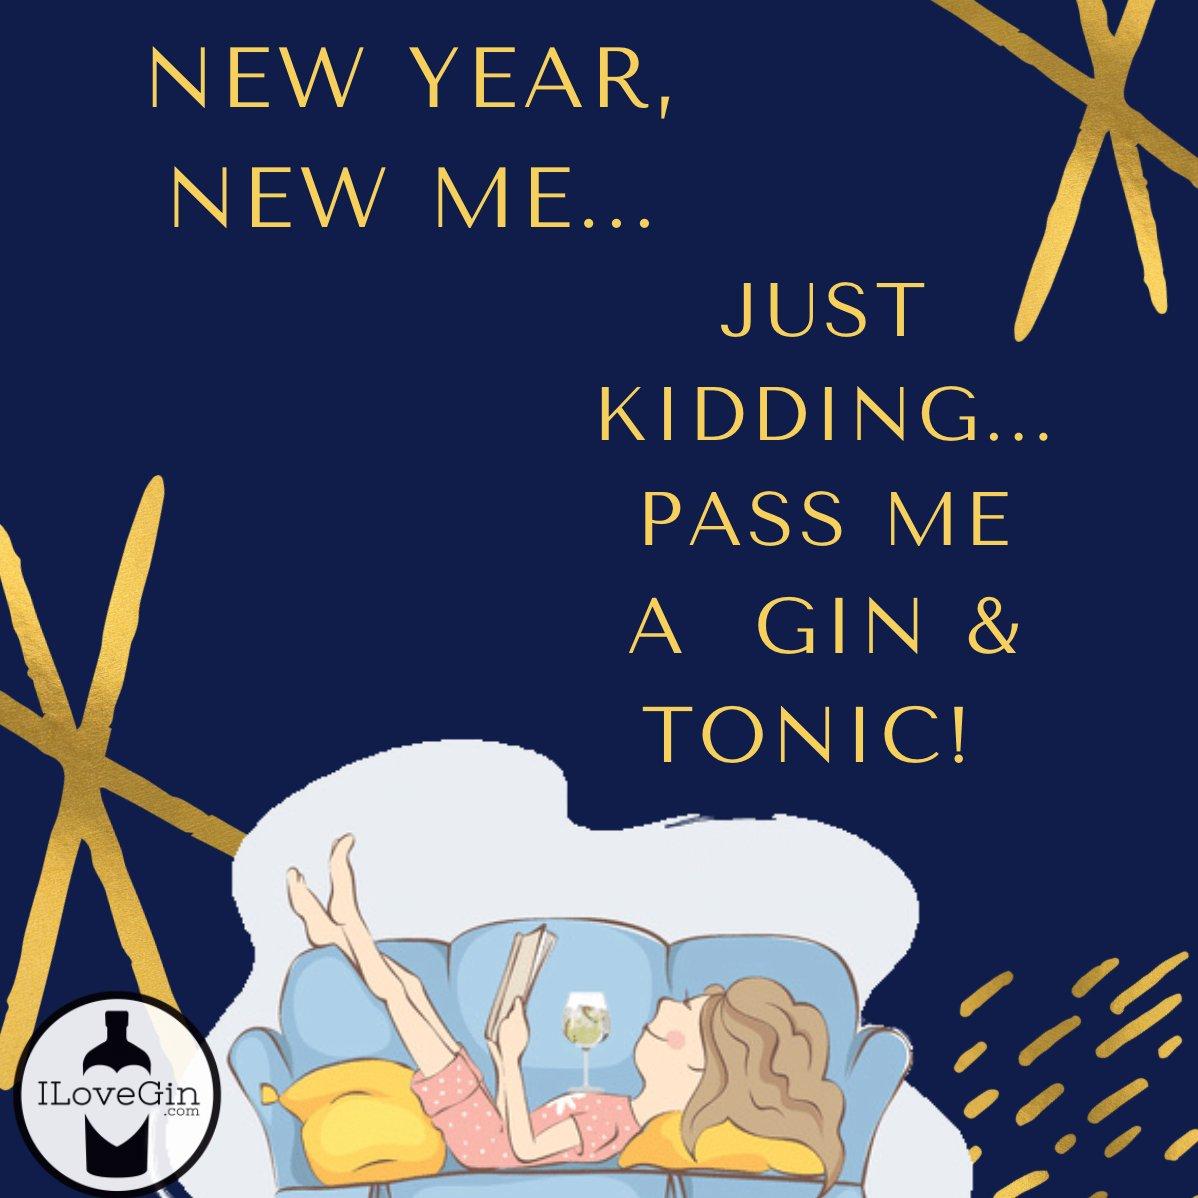 Happy New Year from us at I Love Gin ! 🍸✨ https://t.co/lMIj2FXXKF